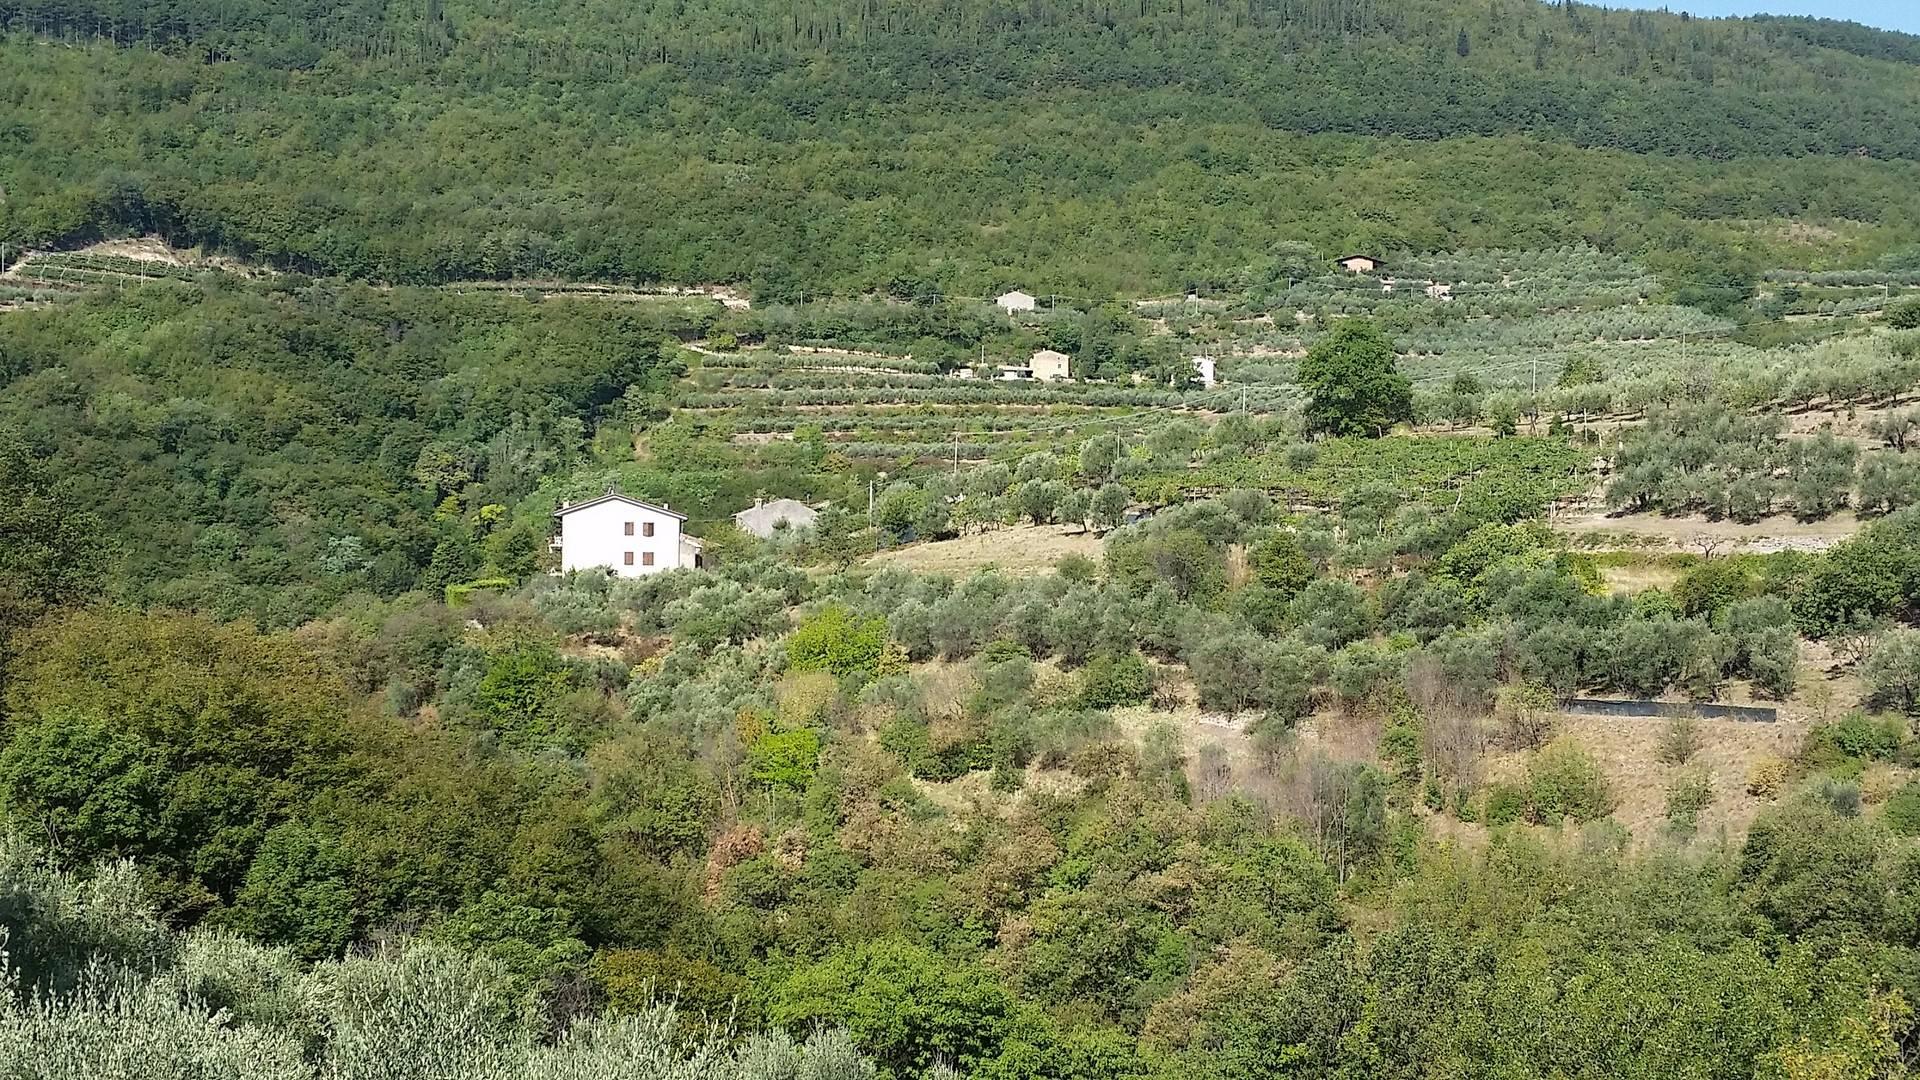 Terreno Agricolo in vendita a Cazzano di Tramigna, 9999 locali, prezzo € 60.000 | CambioCasa.it